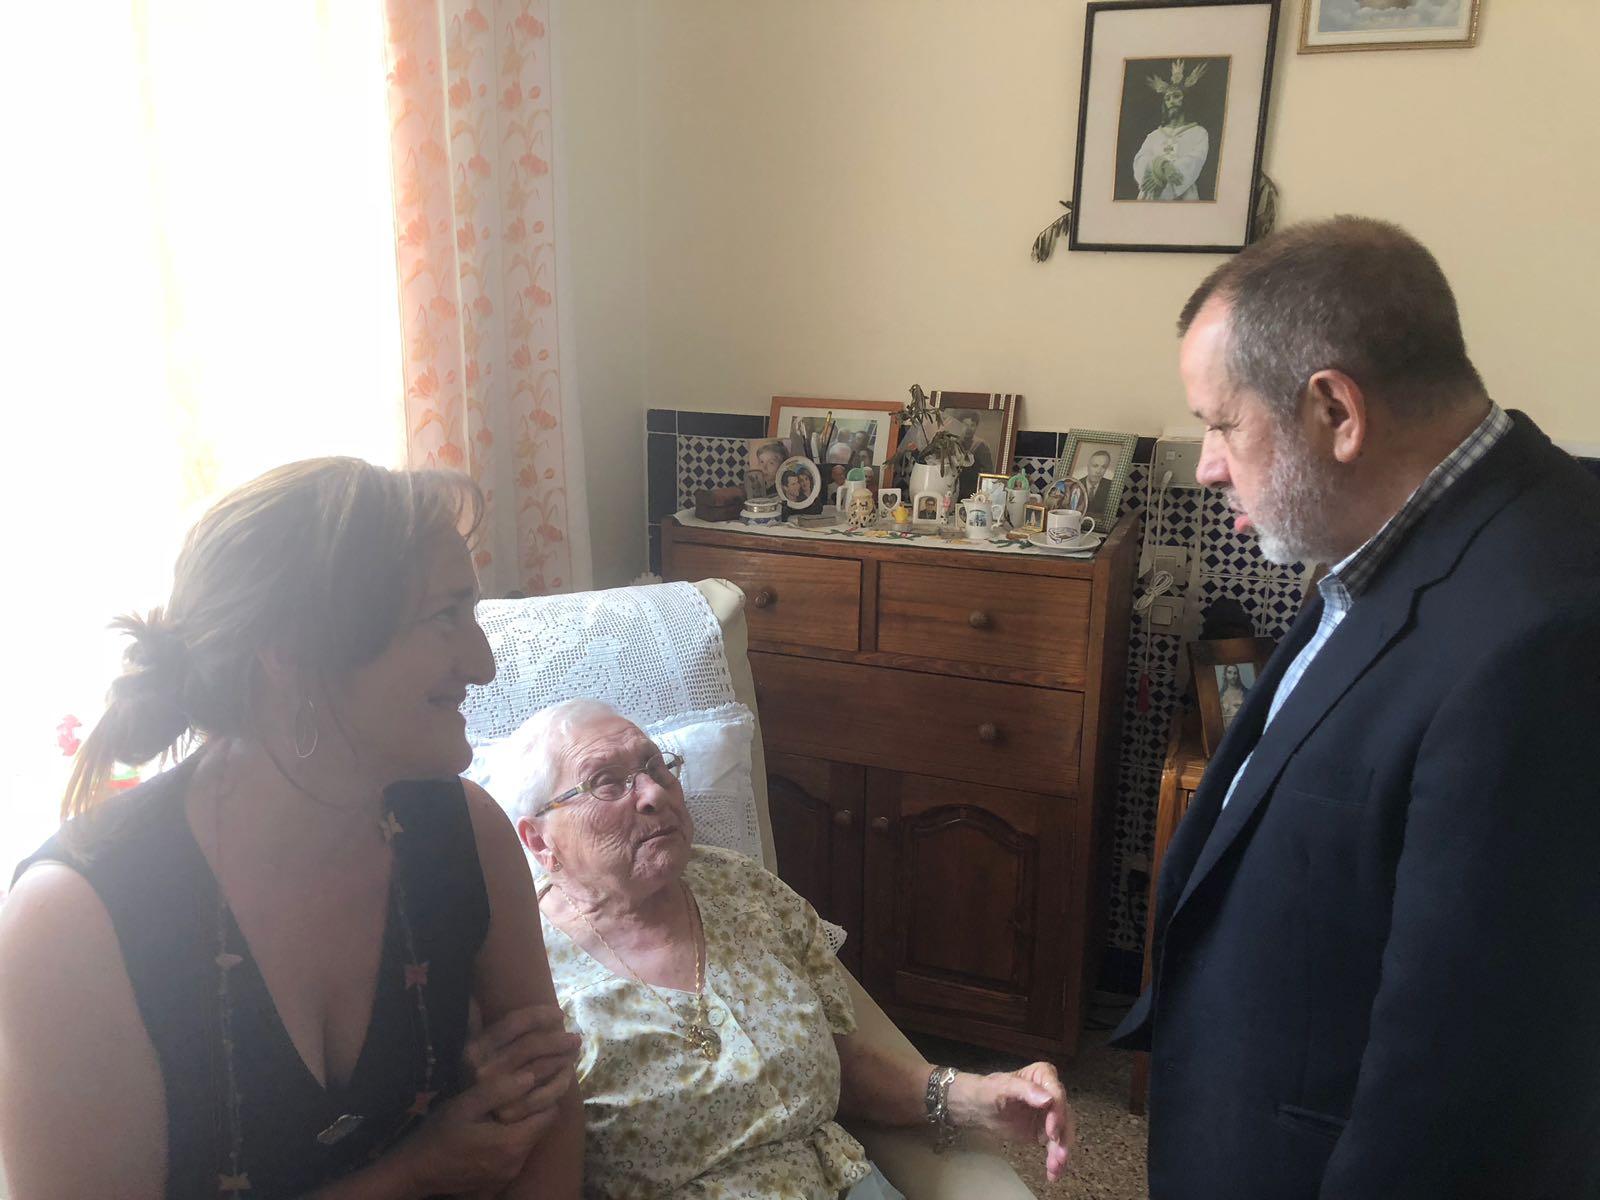 El Defensor del Pueblo (e.f.), Francisco Fernández Marugán. en el hospital español de Tetuán charlando con una señora mayor